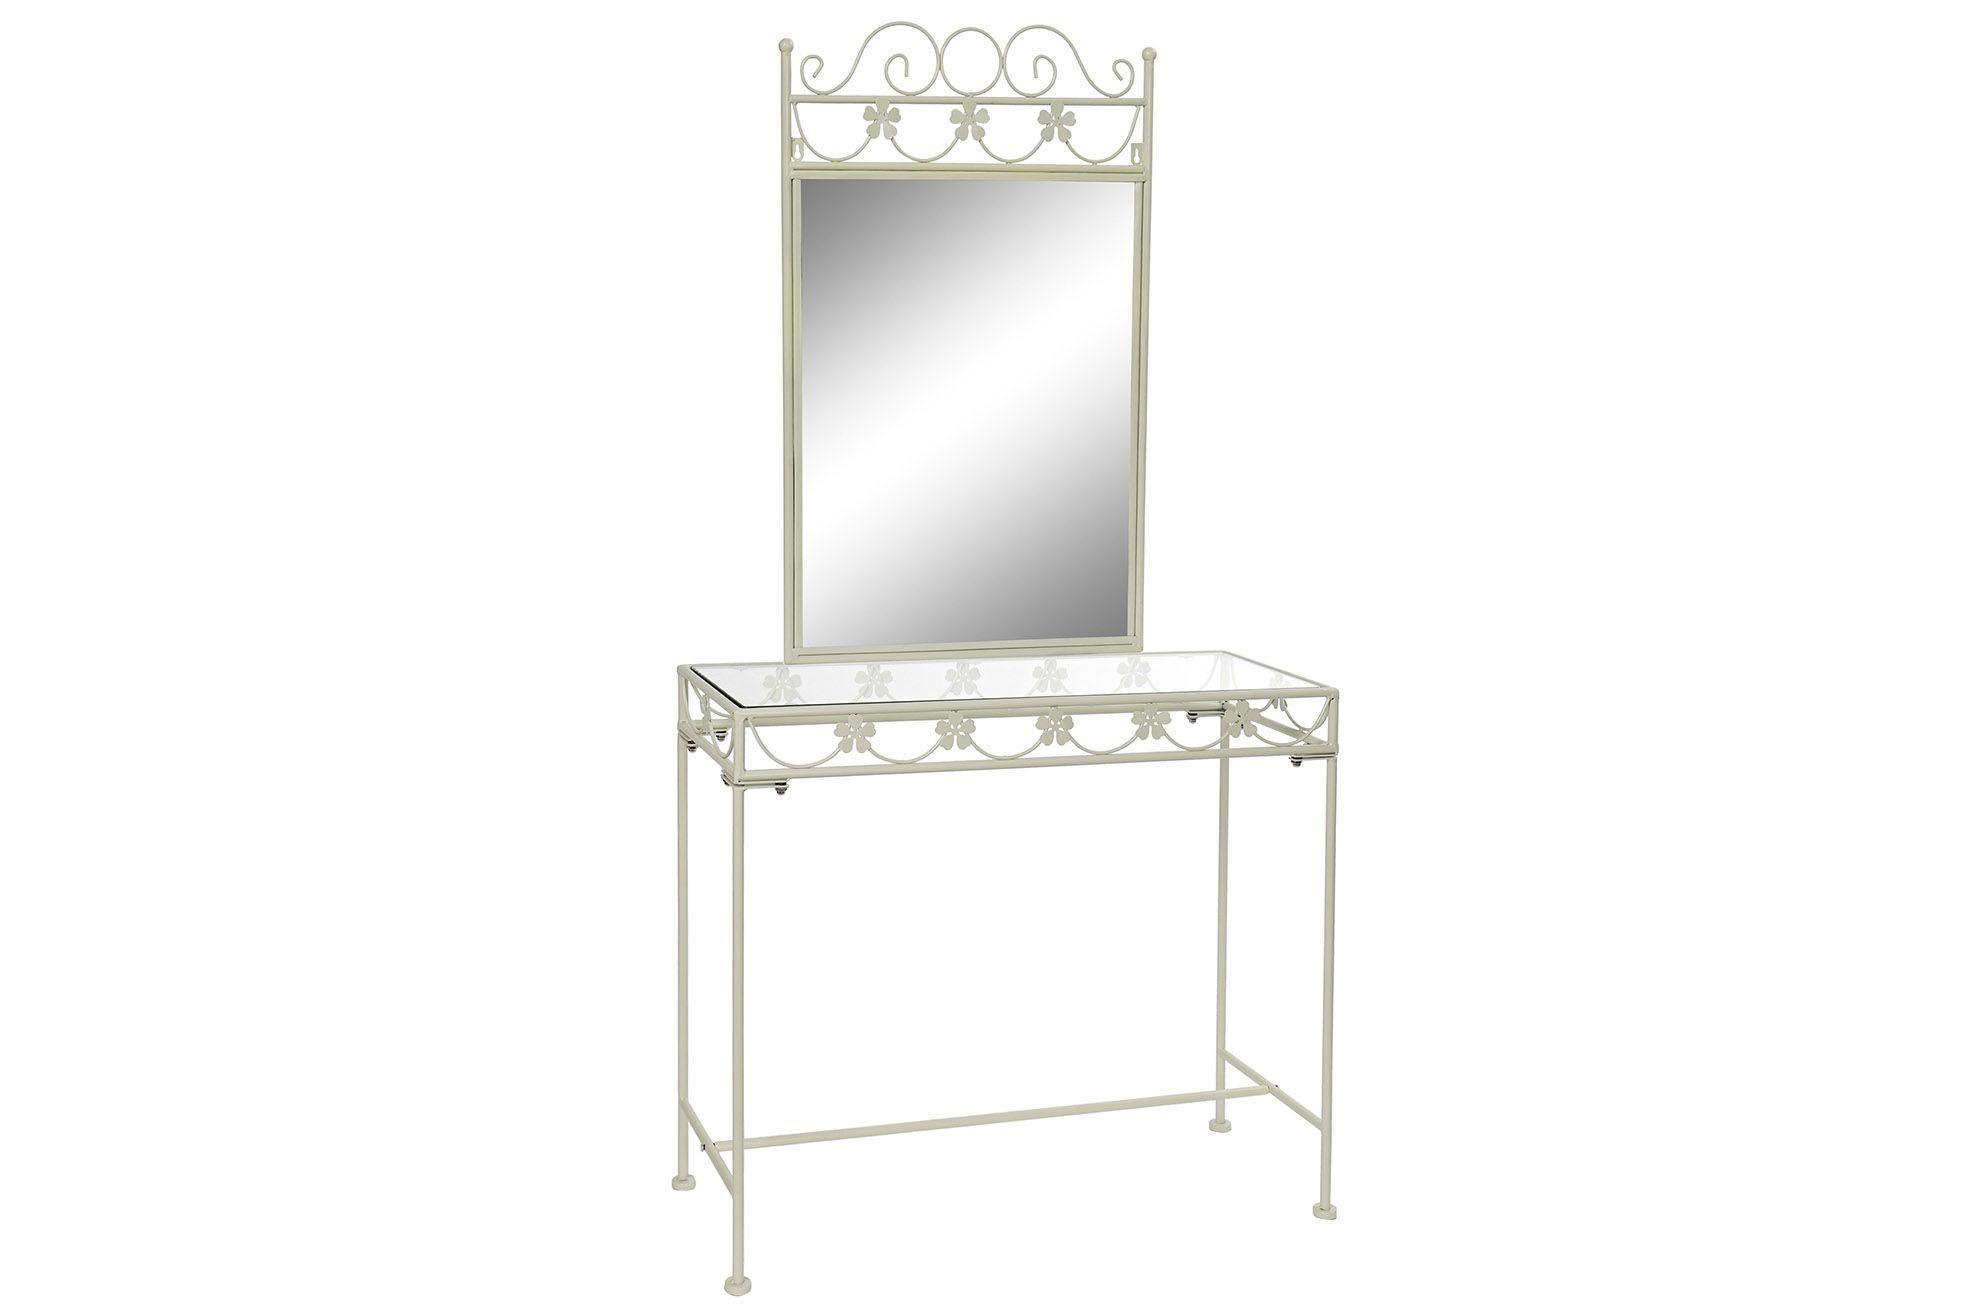 Consolle In Ferro Battuto Con Specchio.Consolle Toilette Con Specchio In Ferro Battuto Bianco Per Entrata Camera Trucco Ilbottegone Biz